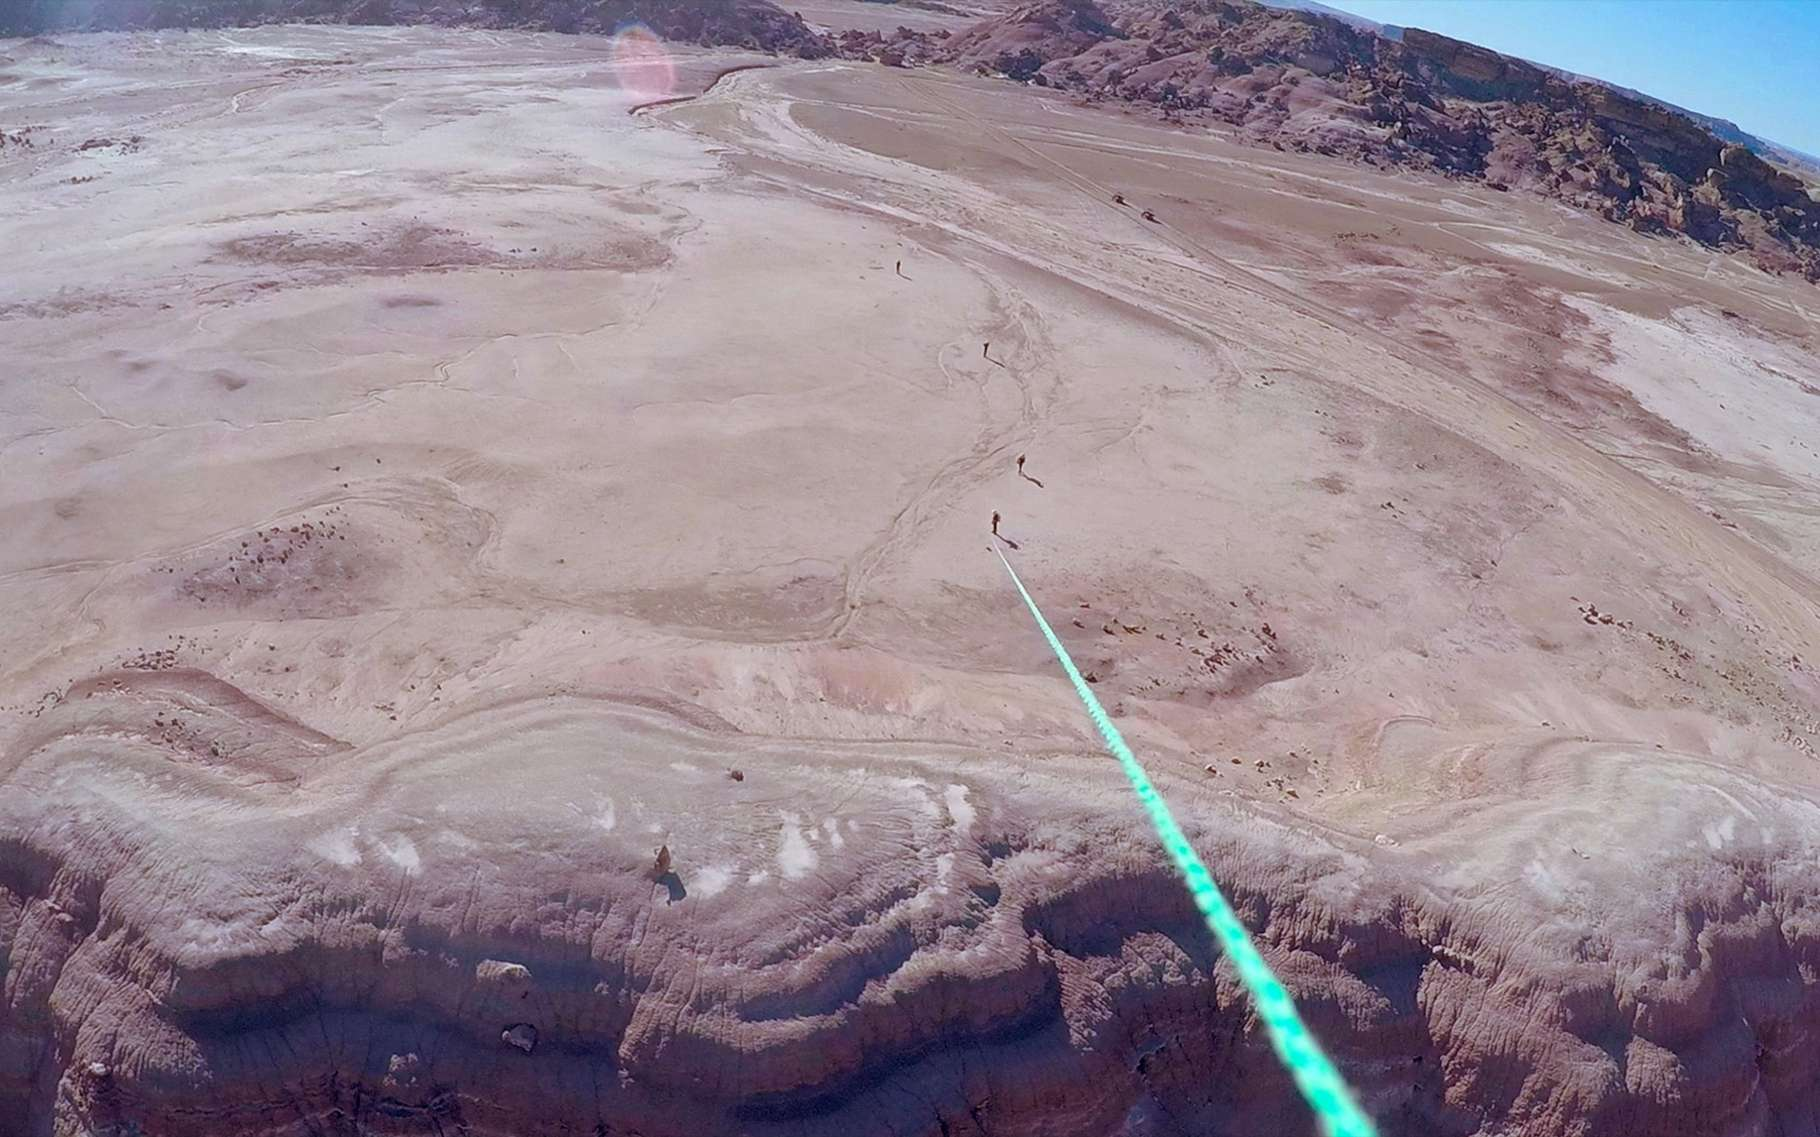 Le site d'exploration de la Mars Desert Research Station, située dans un site analogue à la planète Mars, au milieu du désert de l'Utah, vu depuis le ballon de la mission. © MDRS 175 / Supaéro